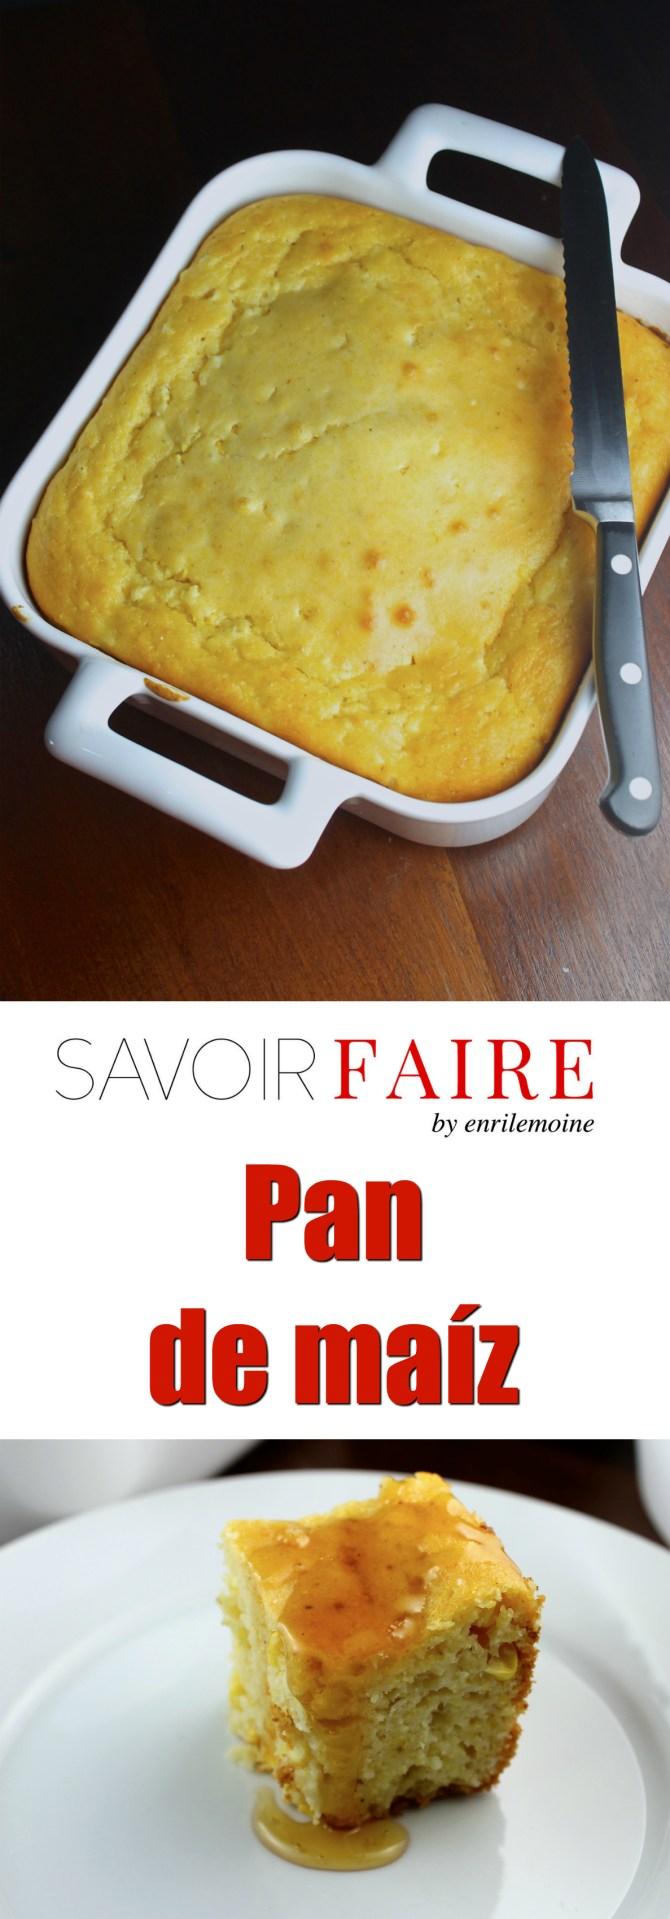 Pan de maíz - SAVOIR FAIRE by enrilemoine